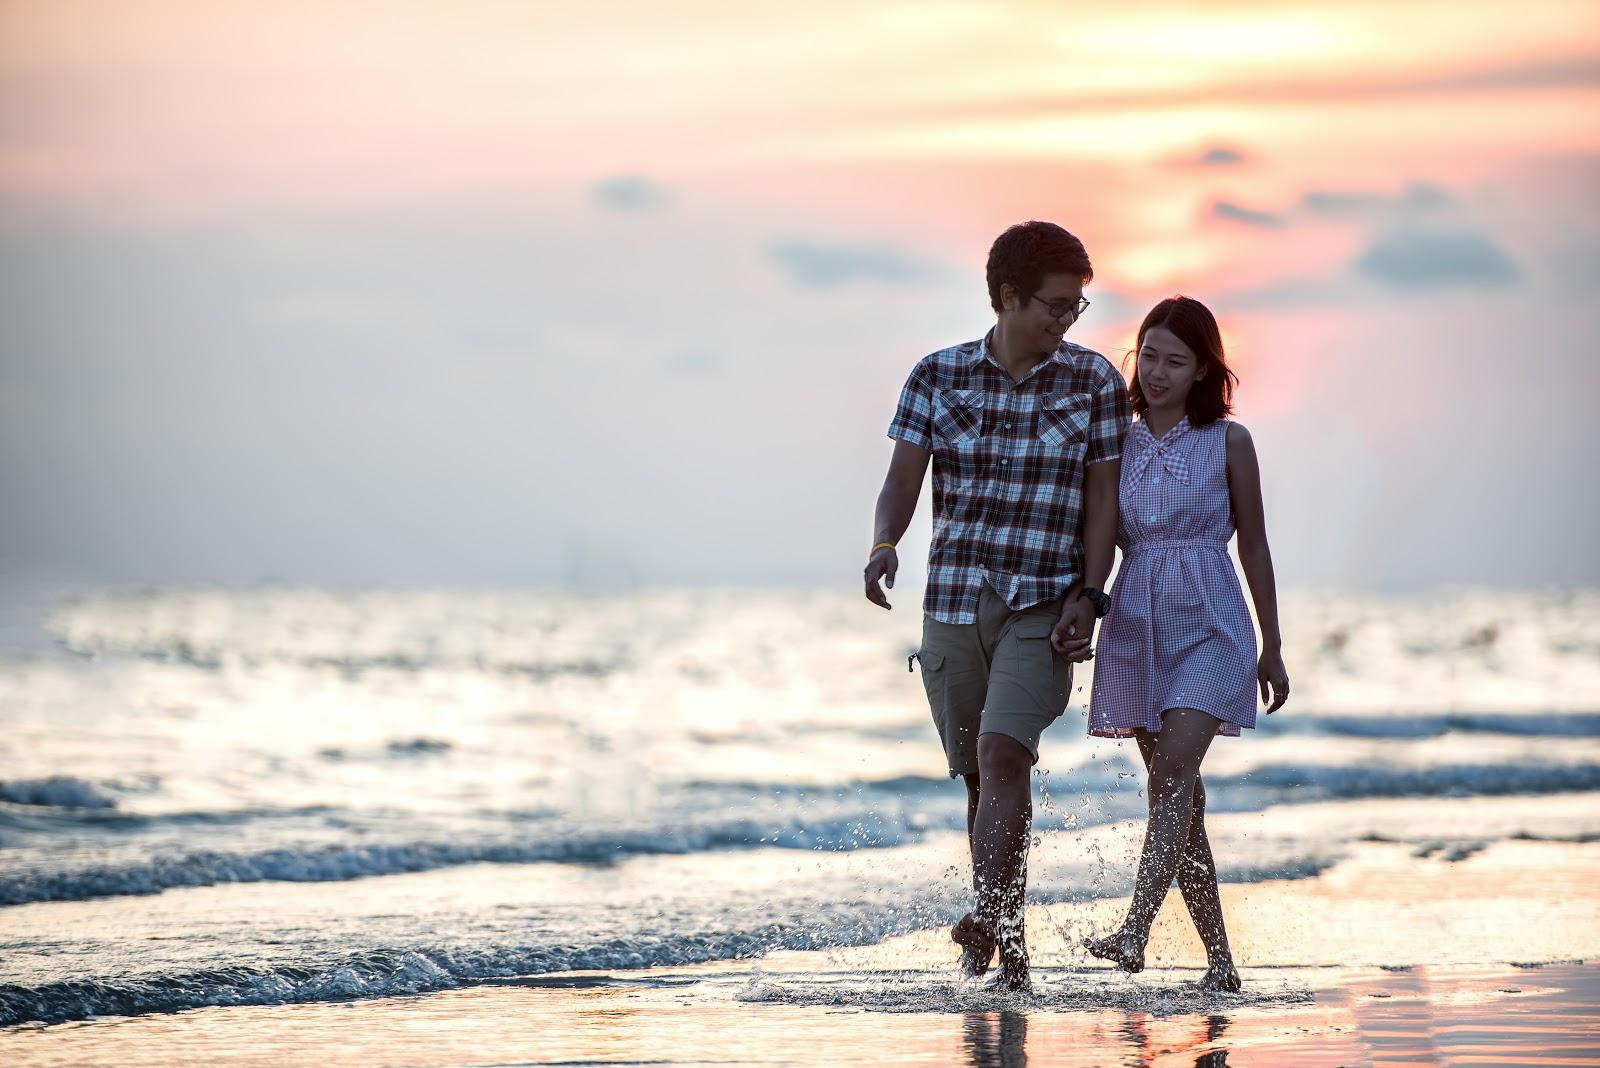 手を繋いで海辺を歩く男女のカップル